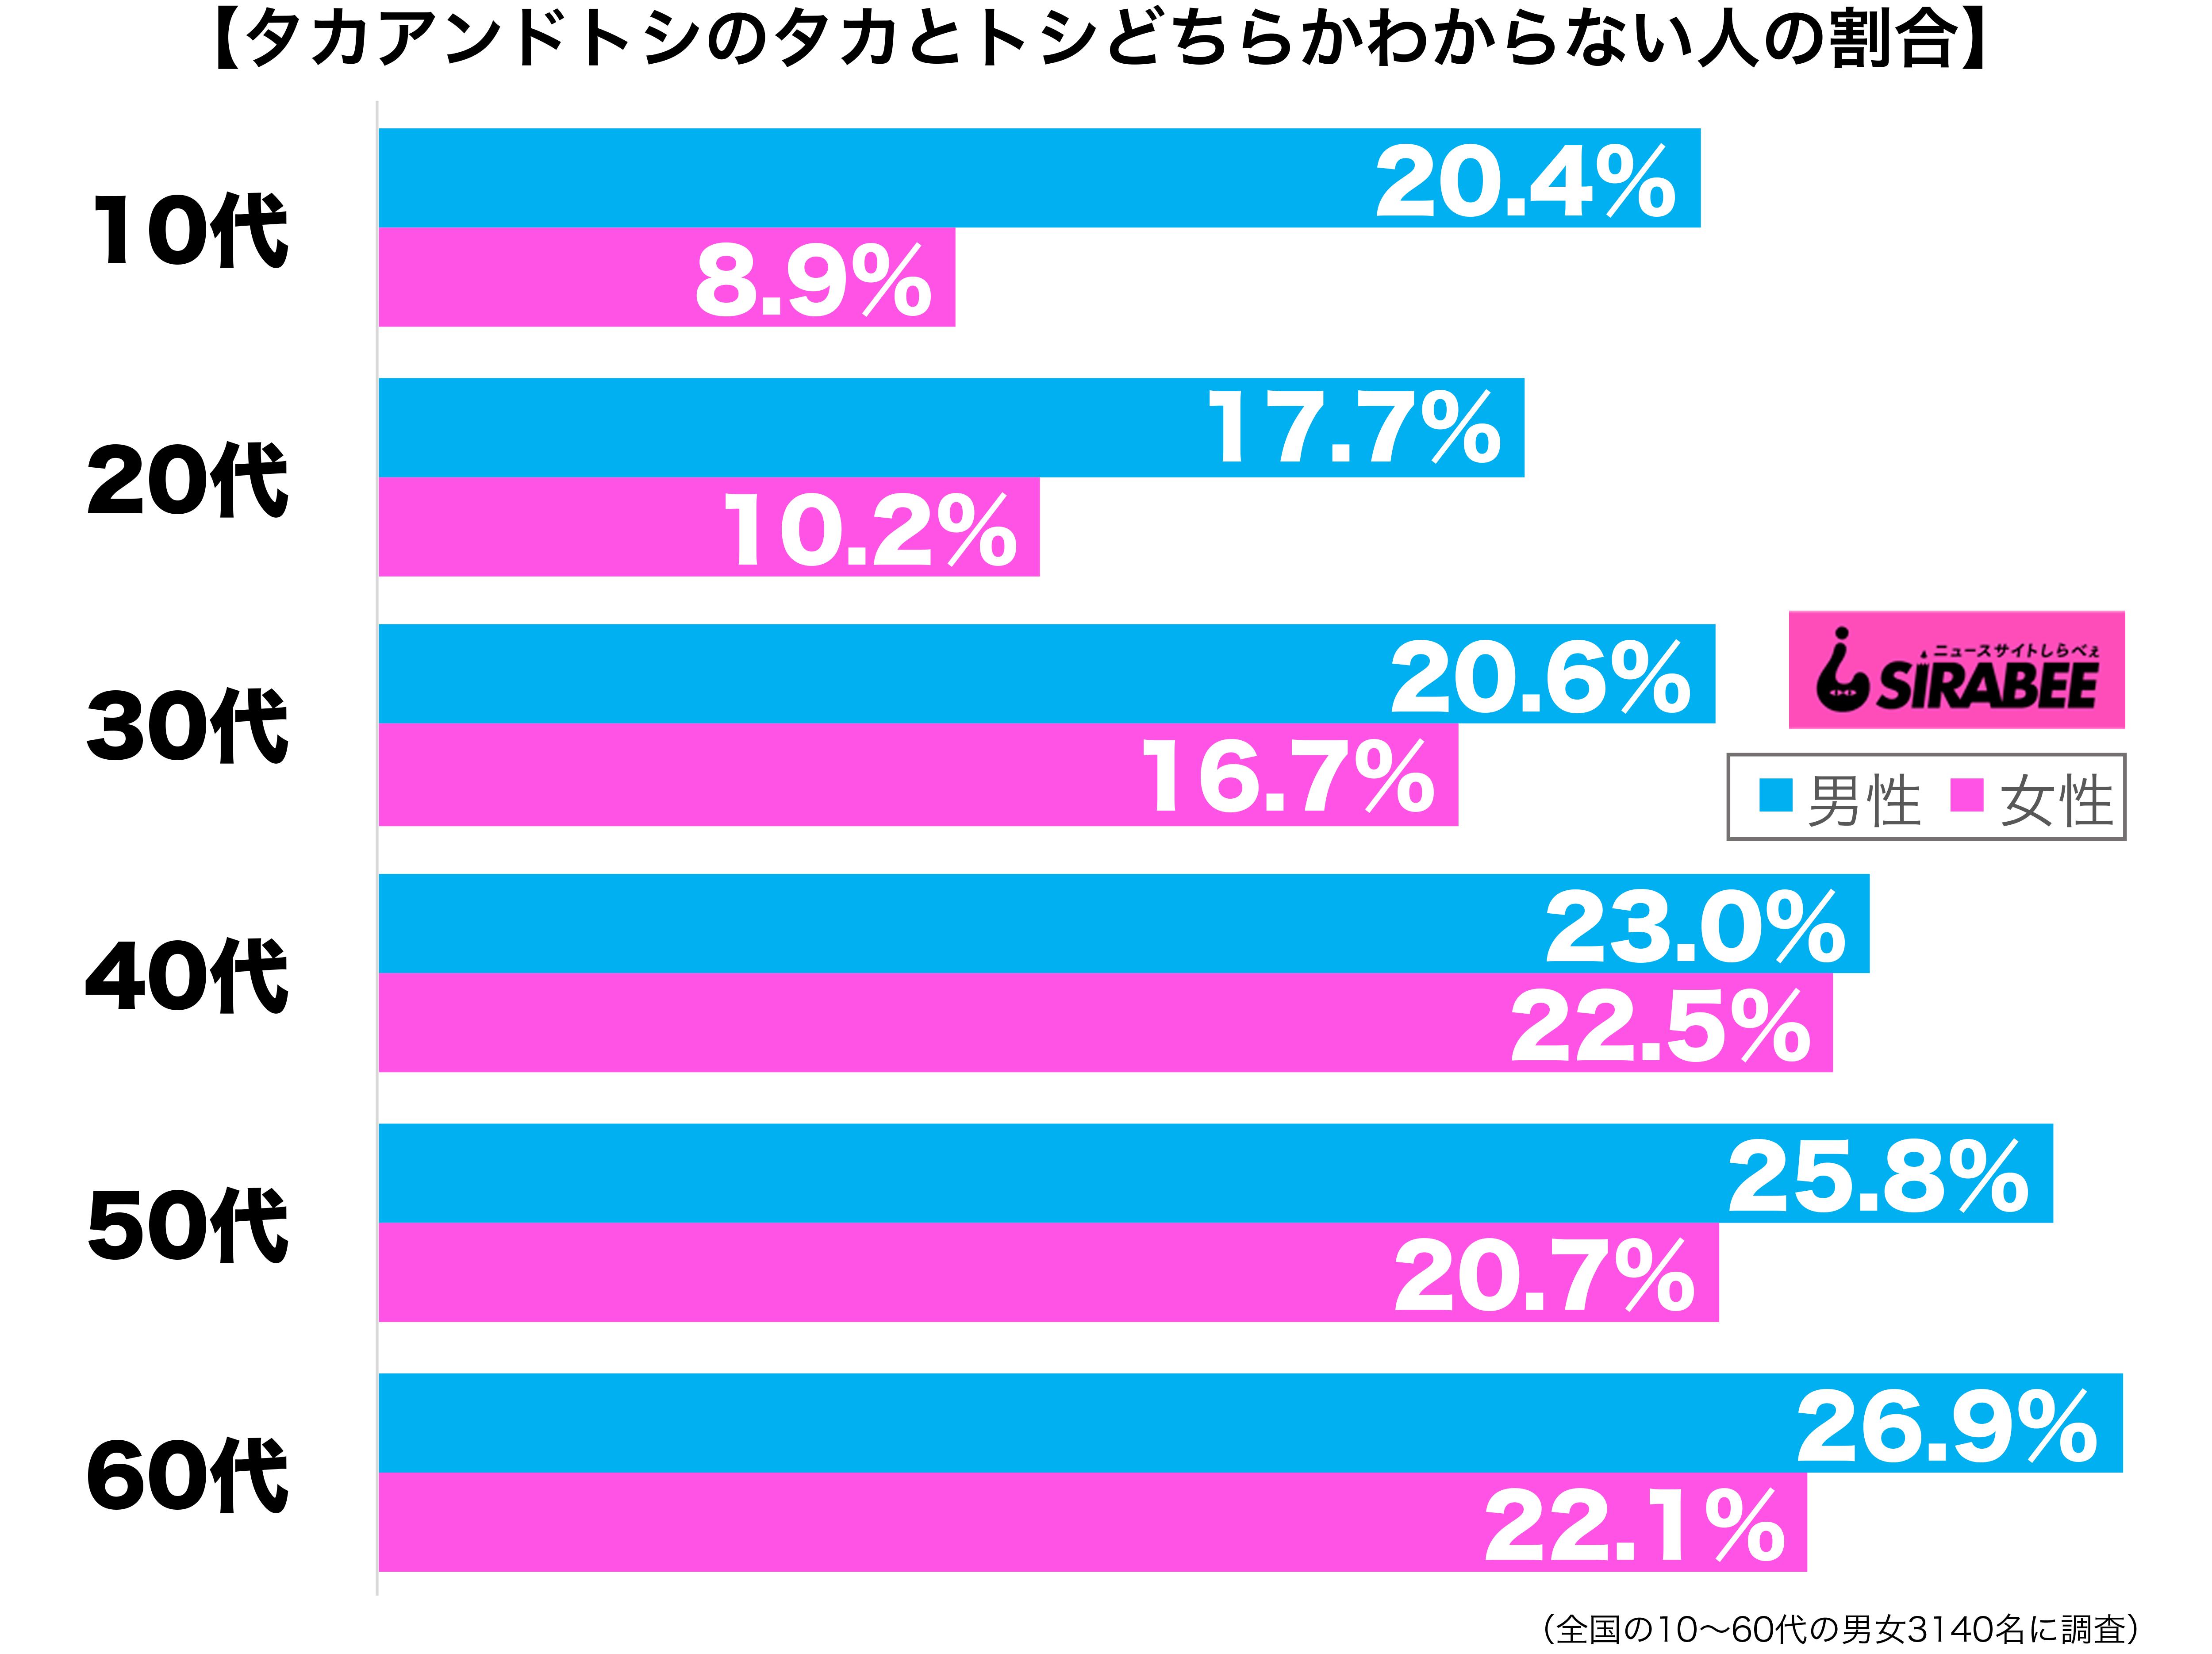 タカアンドトシのタカとトシがどちらかわからない性年代別グラフ